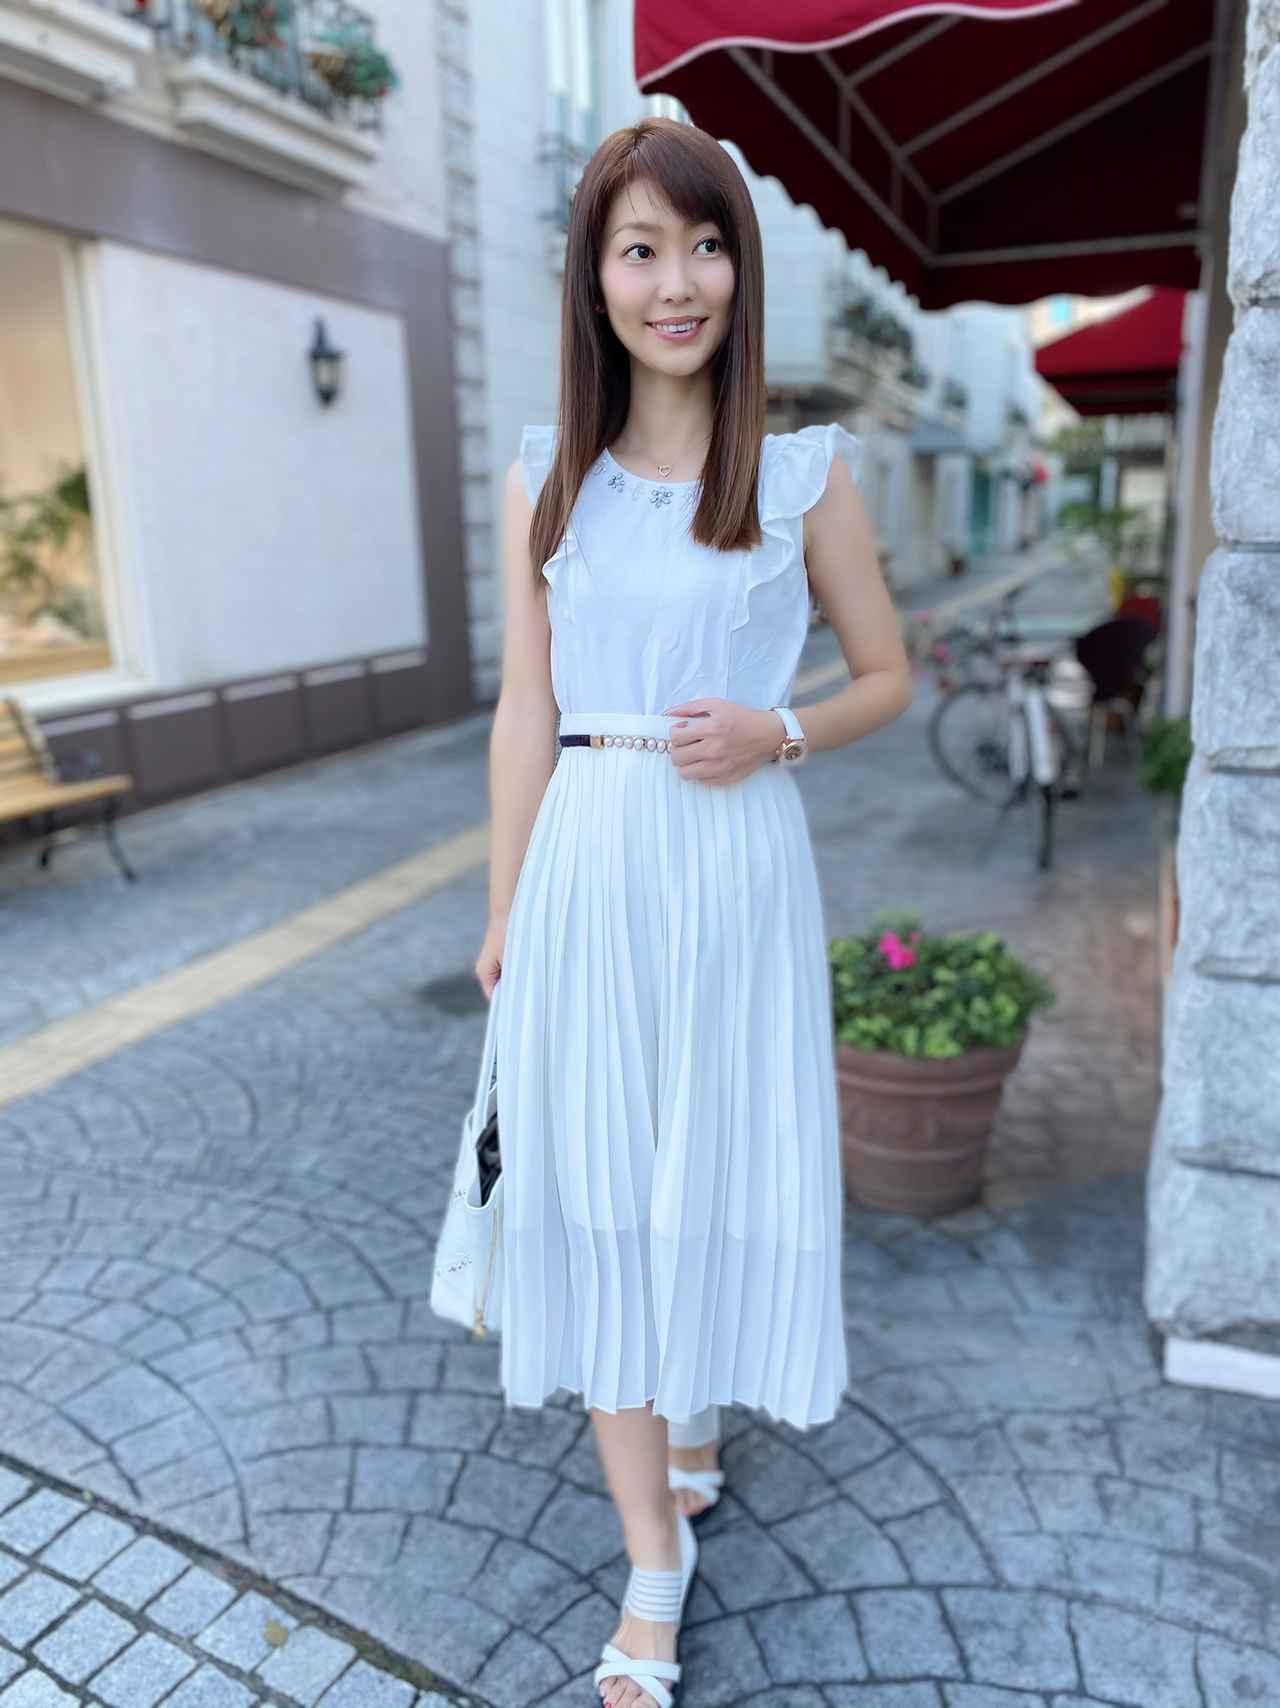 画像3: 【ユニクロ】えっ!まさかの990円?超高見え♡「プリーツスカート」でコーデしてみた